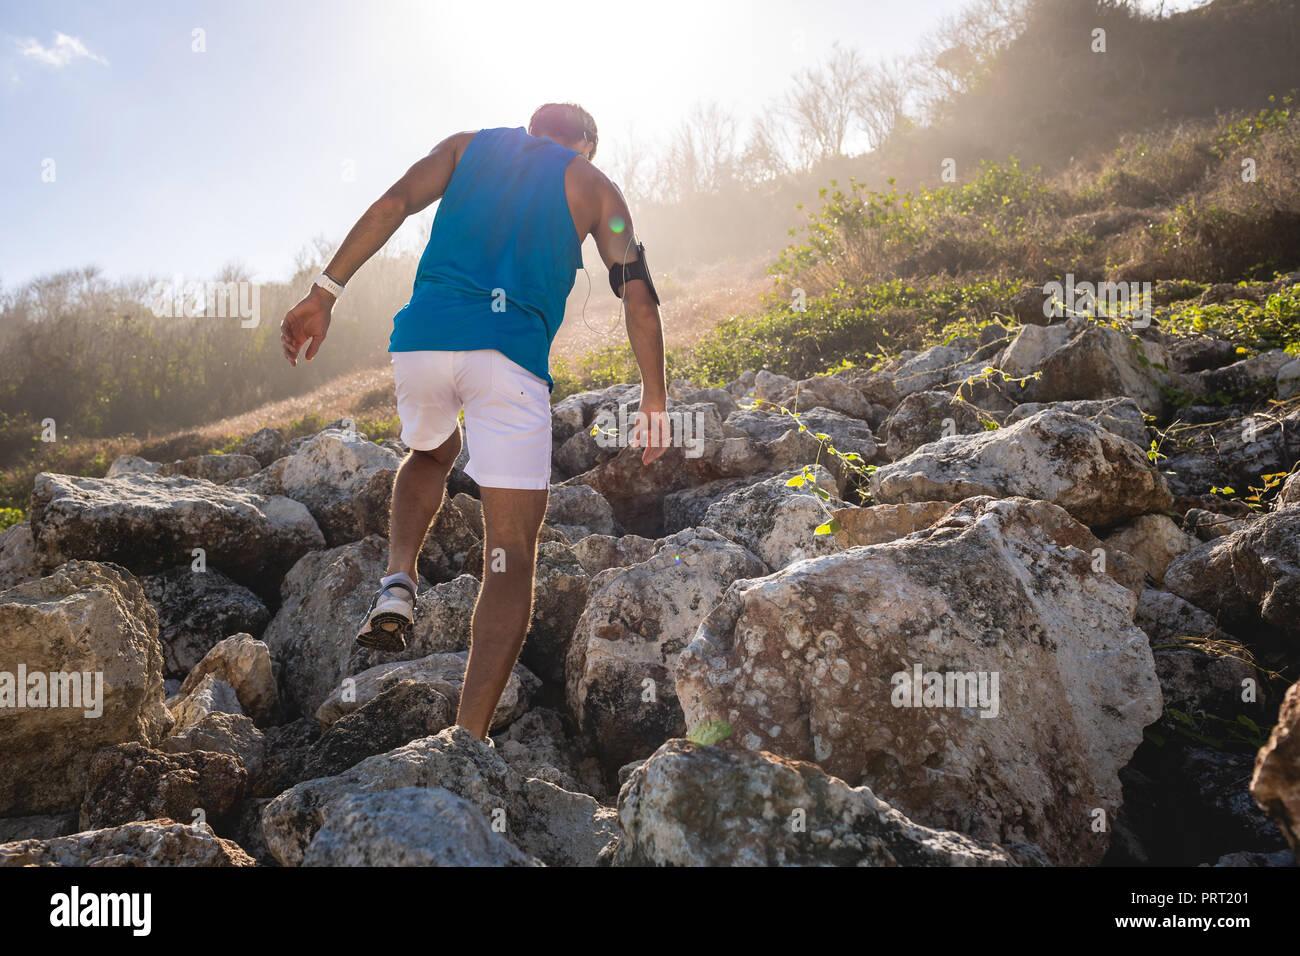 Vista posteriore del uomo atletico arrampicata sulle rocce della montagna con retro illuminazione Immagini Stock